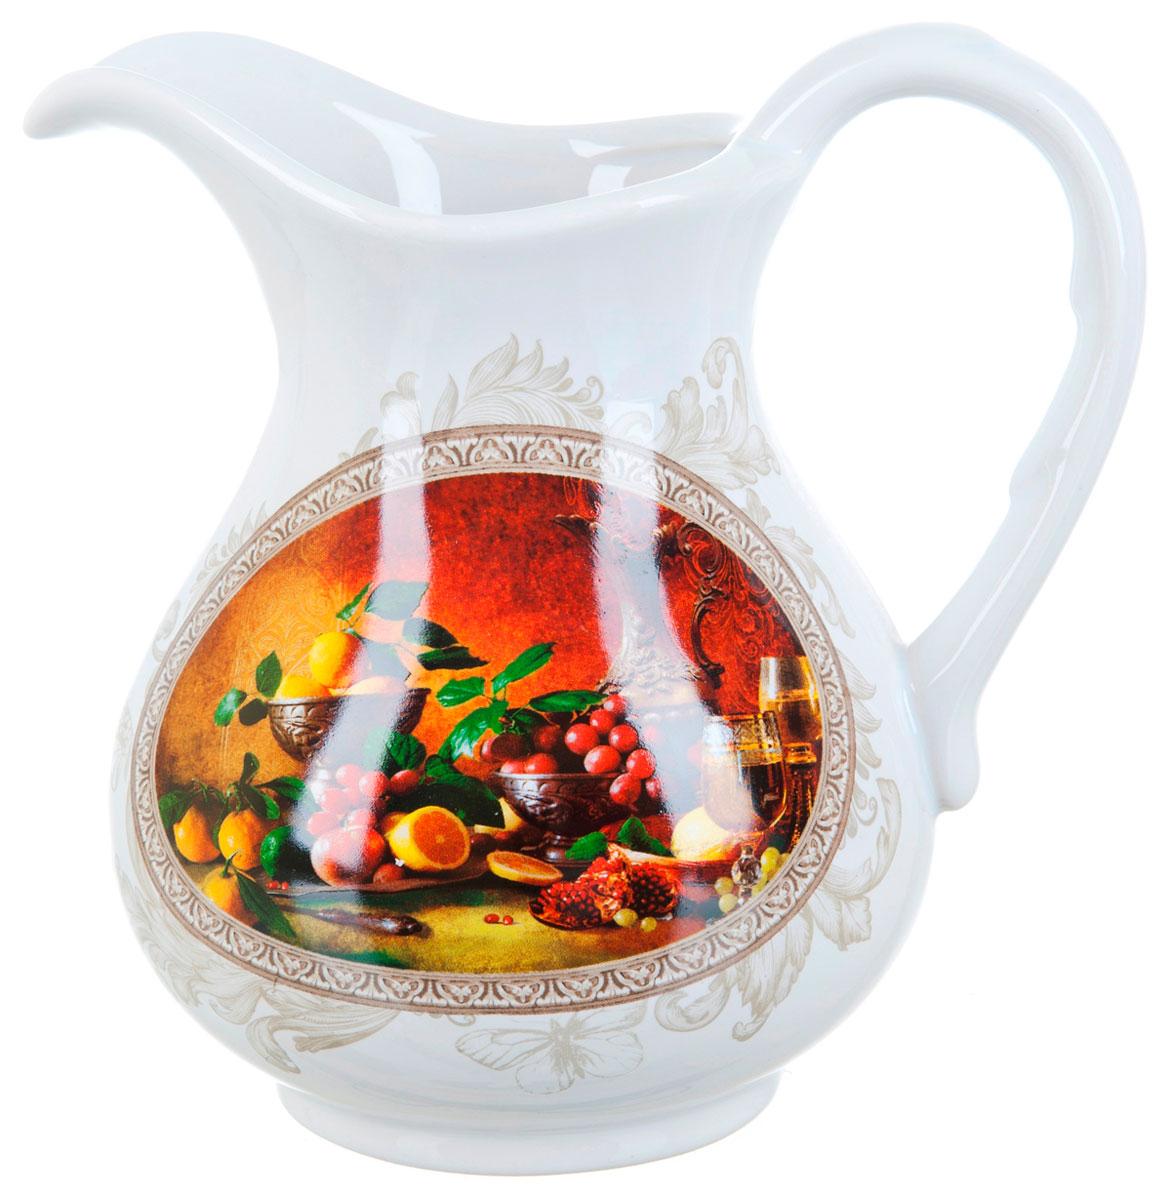 Кувшин ENS Group Севилья, 1,3 лVT-1520(SR)Кувшин Севилья изготовлен из высококачественной керамики с изящным рисунком. Кувшин оснащен удобной ручкой. Прекрасно подходит для подачи воды, сока, компота и других напитков. Изящный кувшин красиво оформит стол и порадует вас элегантным дизайном и простотой ухода.